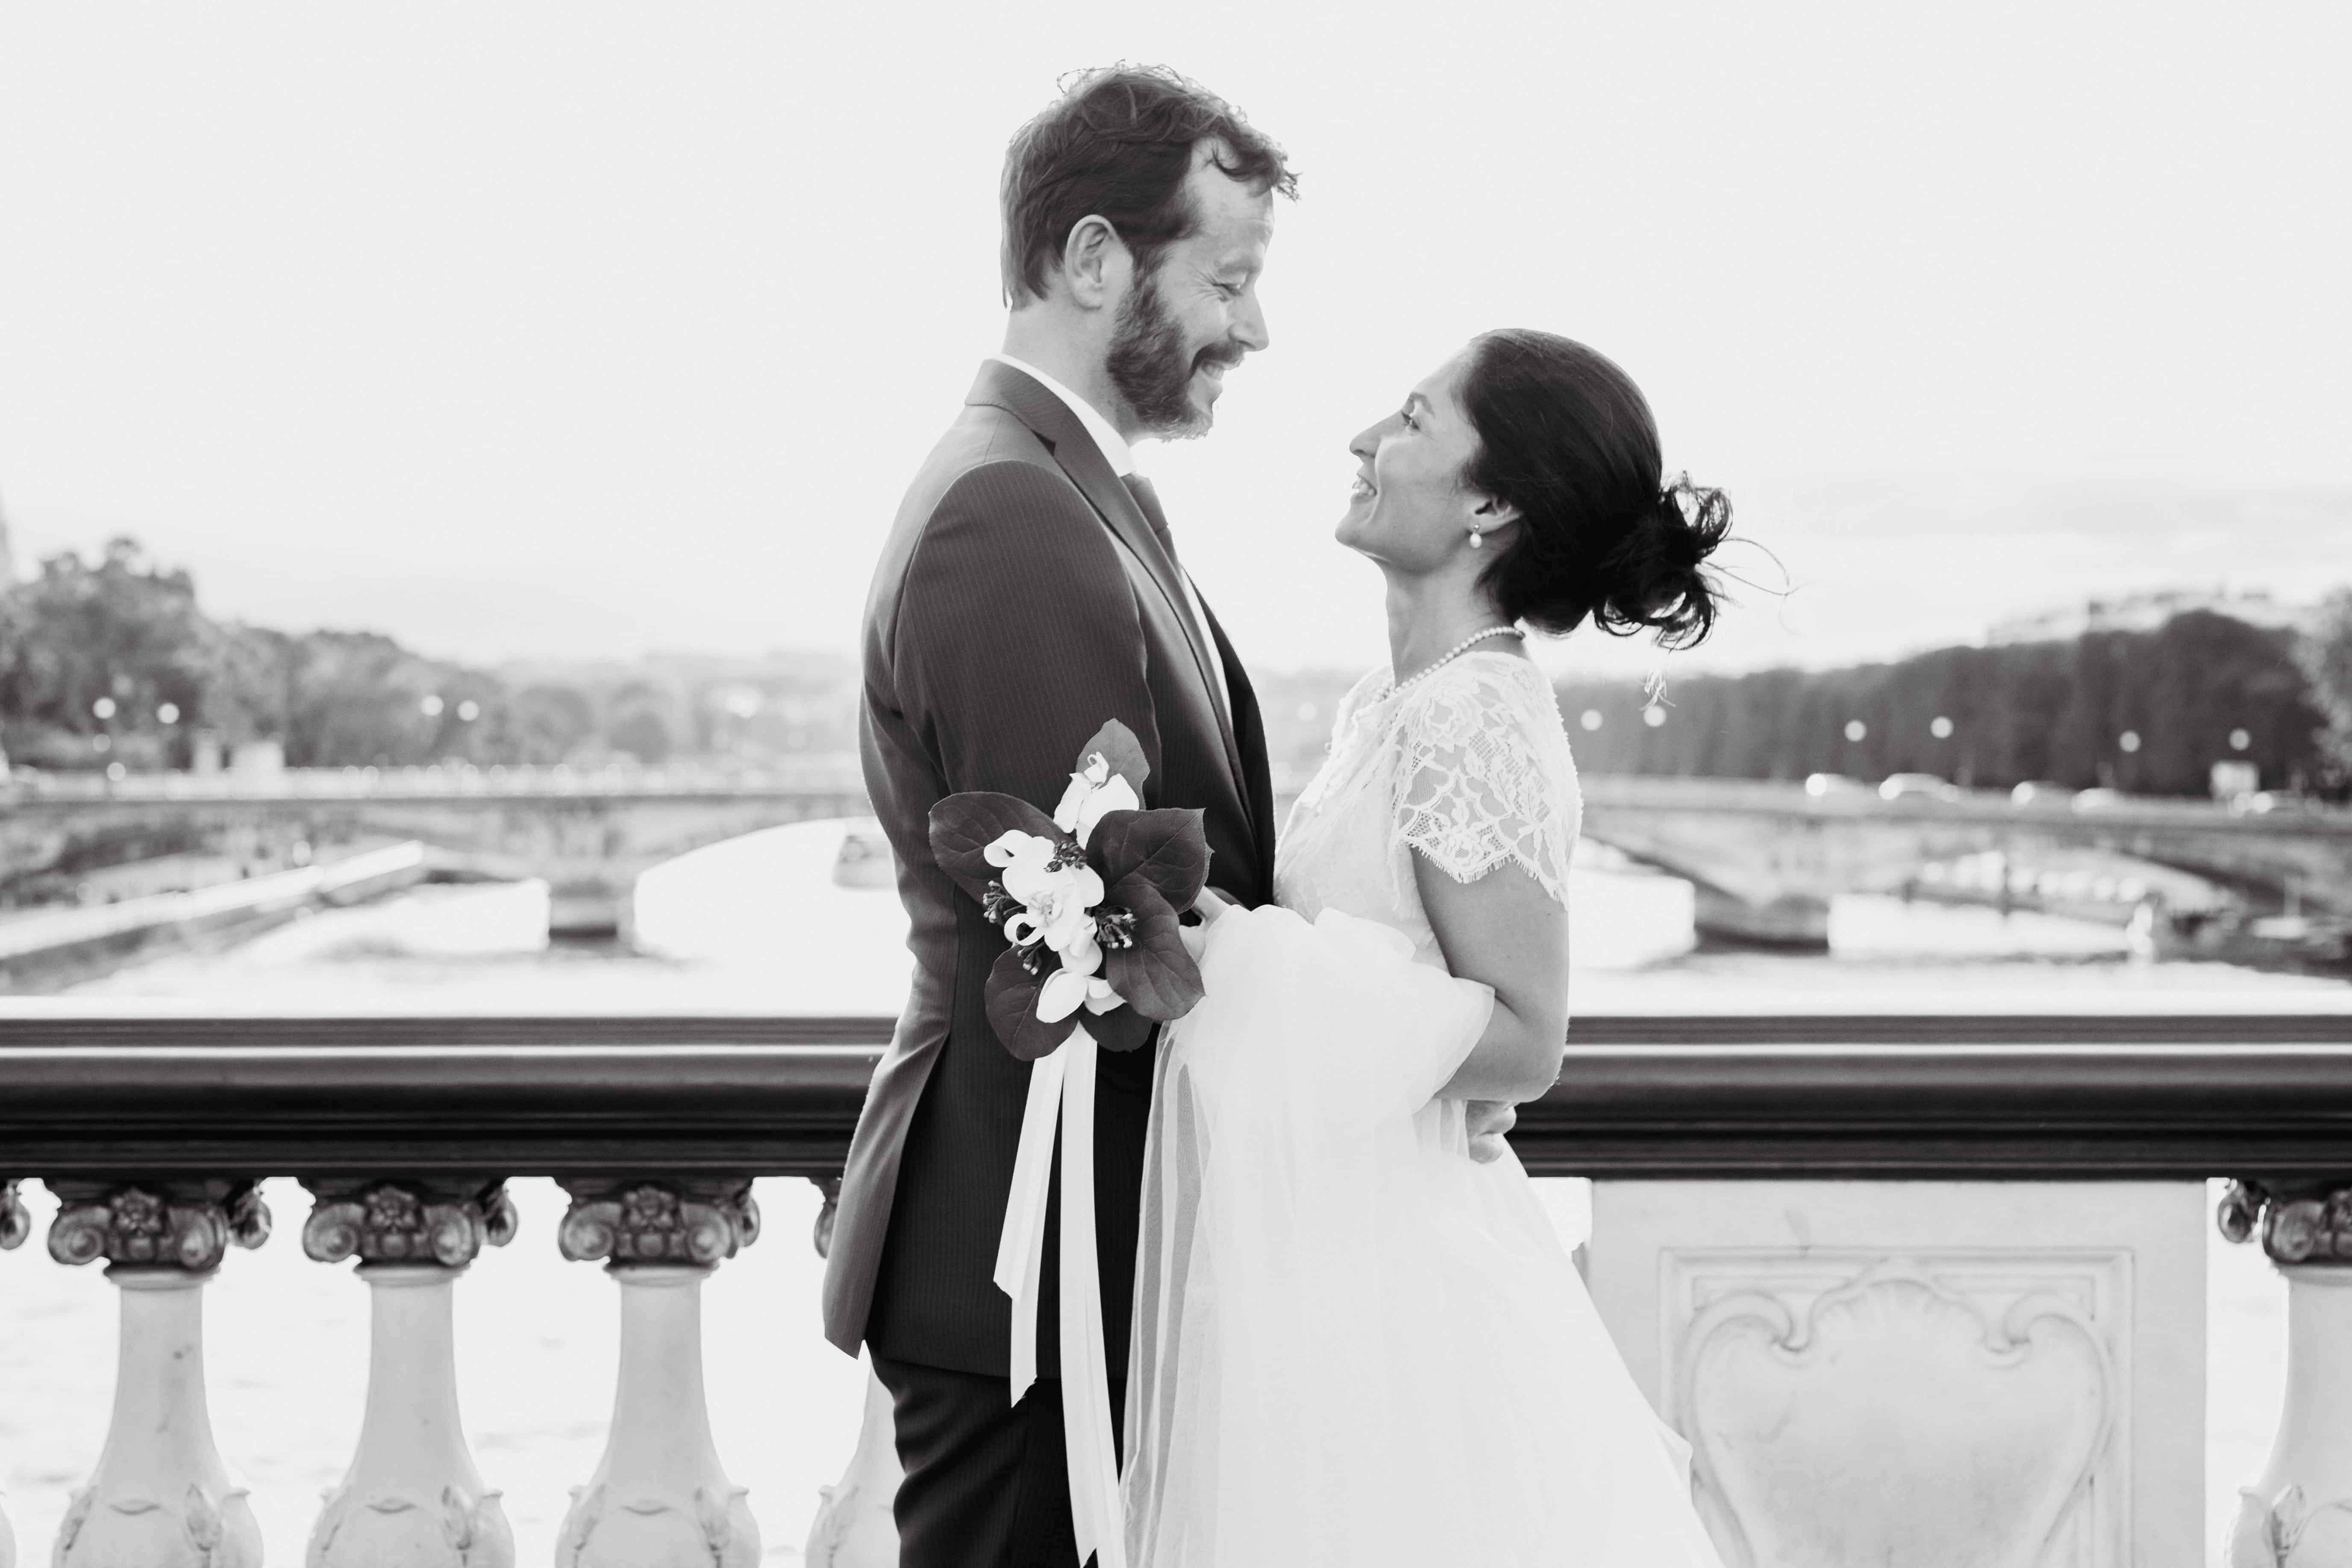 Couple mariage en noir et blanc